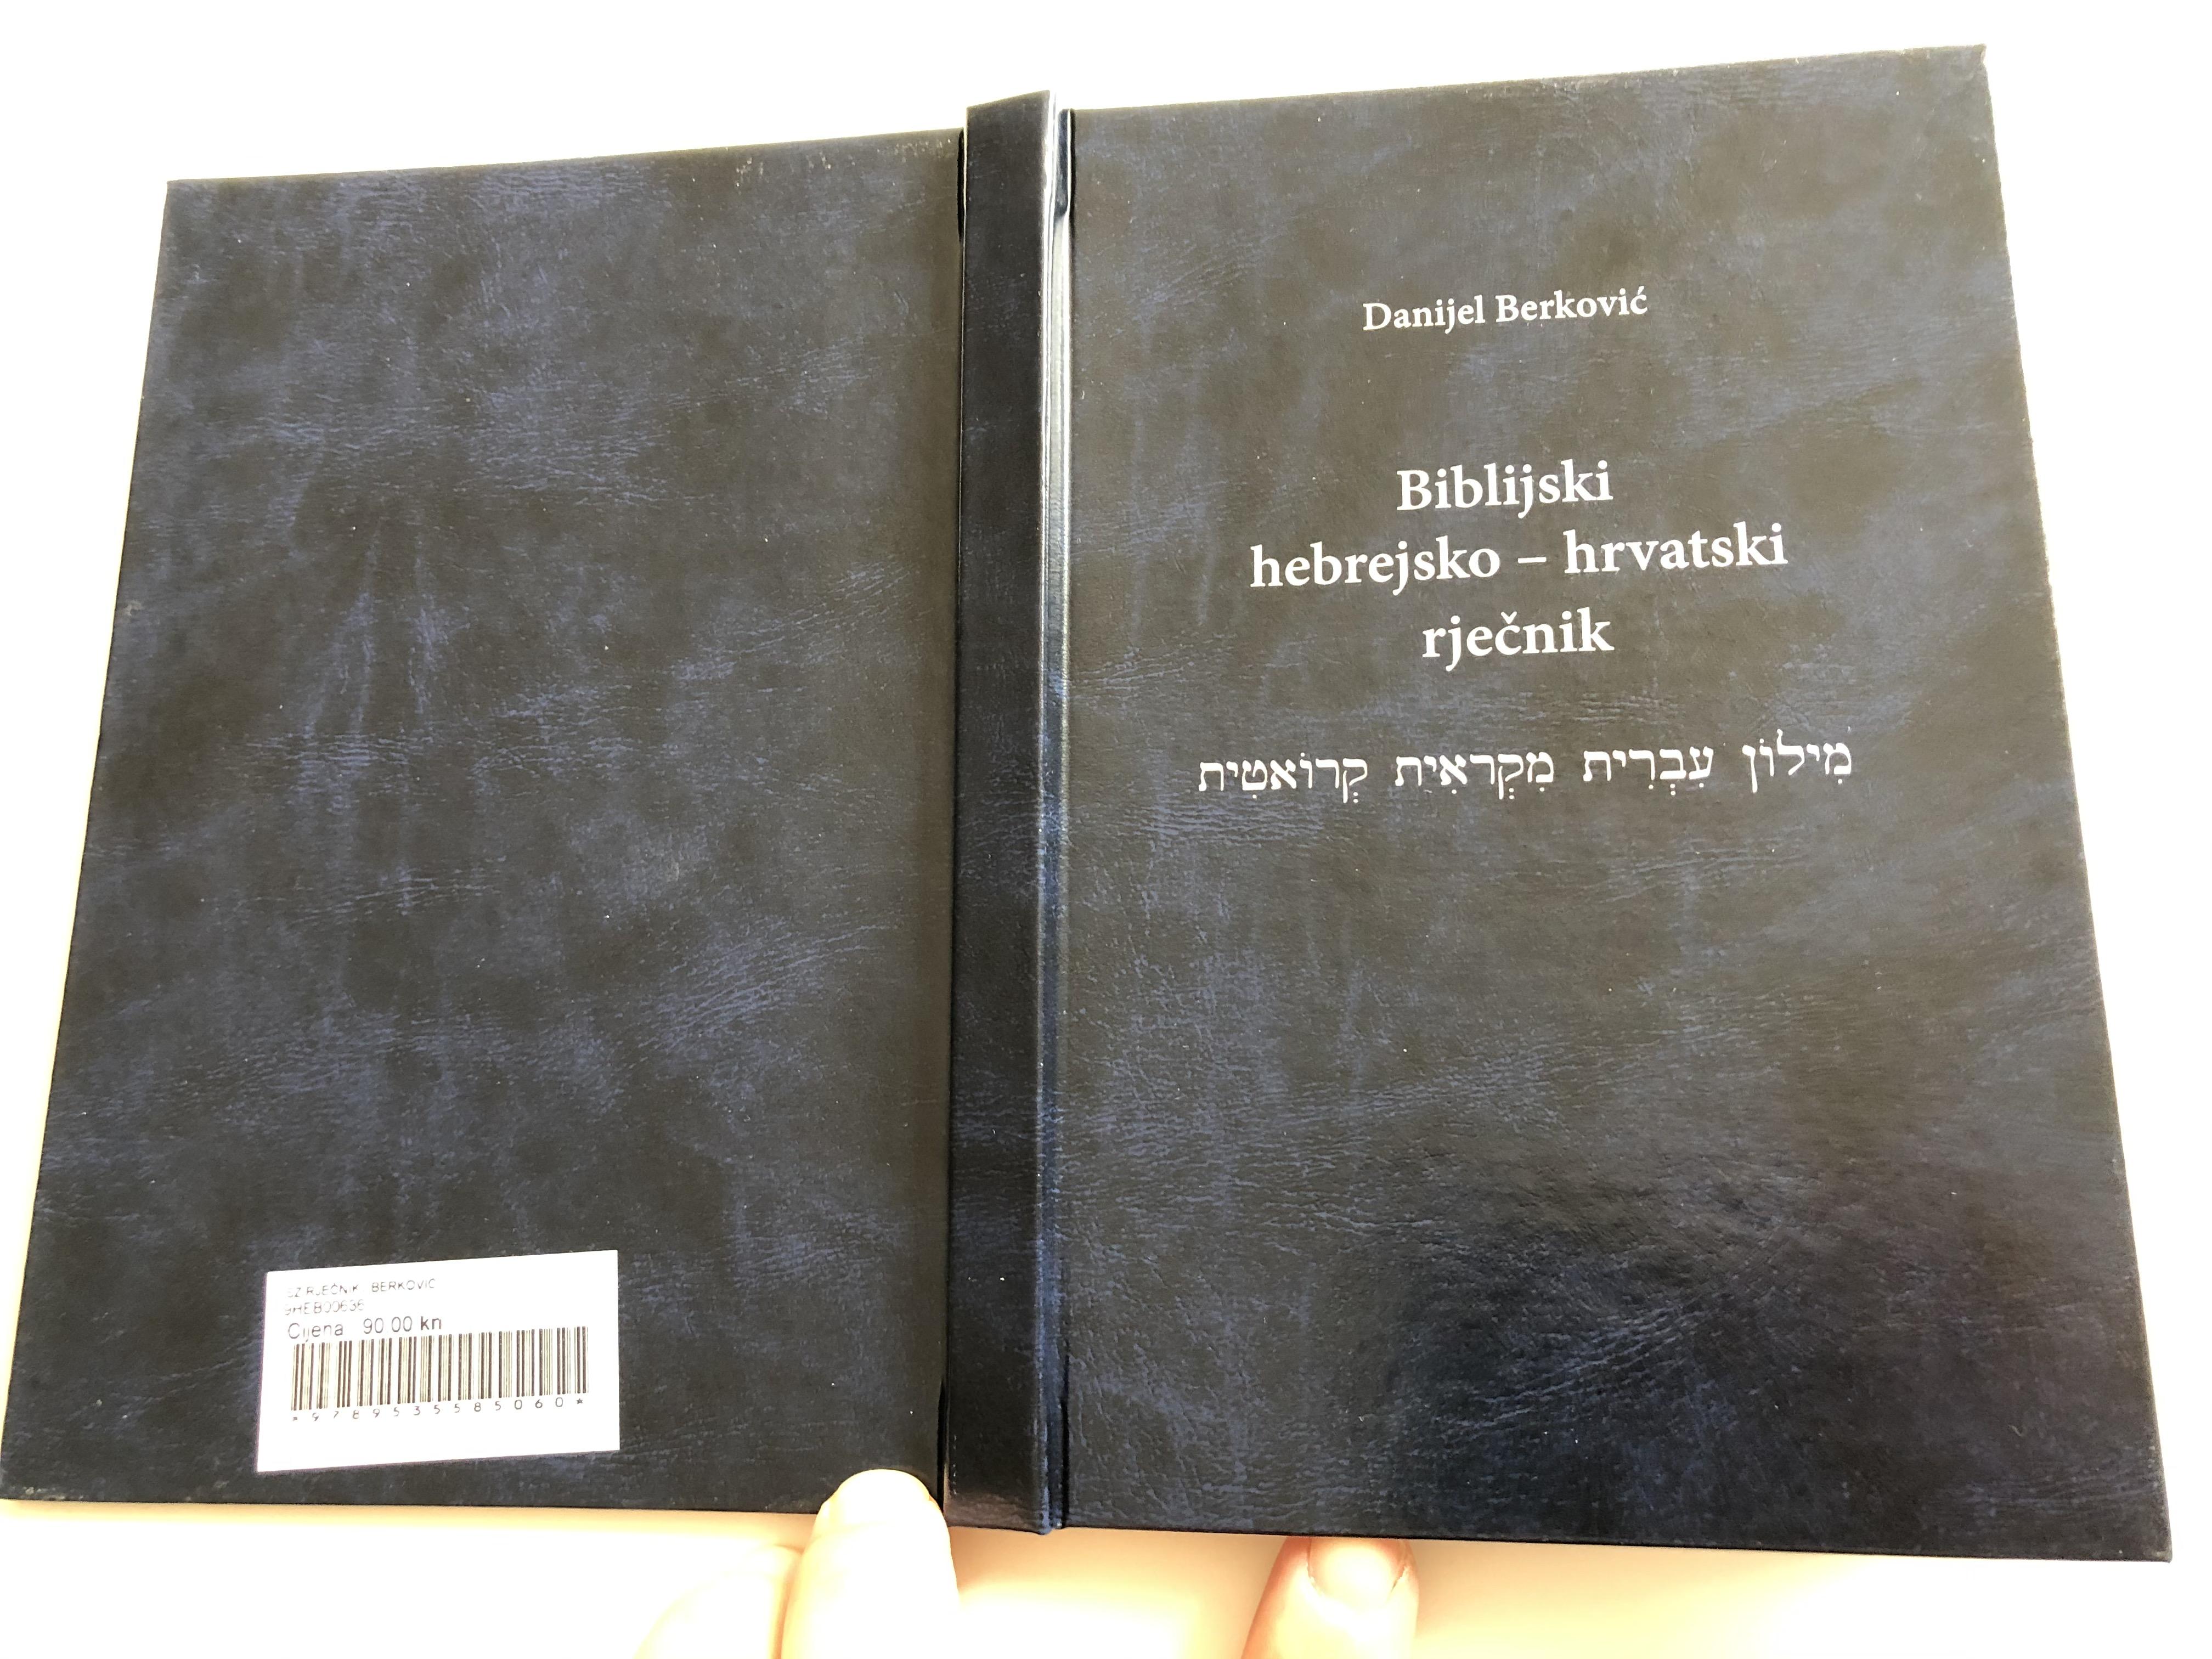 biblijski-hebrejsko-hrvatski-rje-nik-by-danijel-berkovi-14.jpg